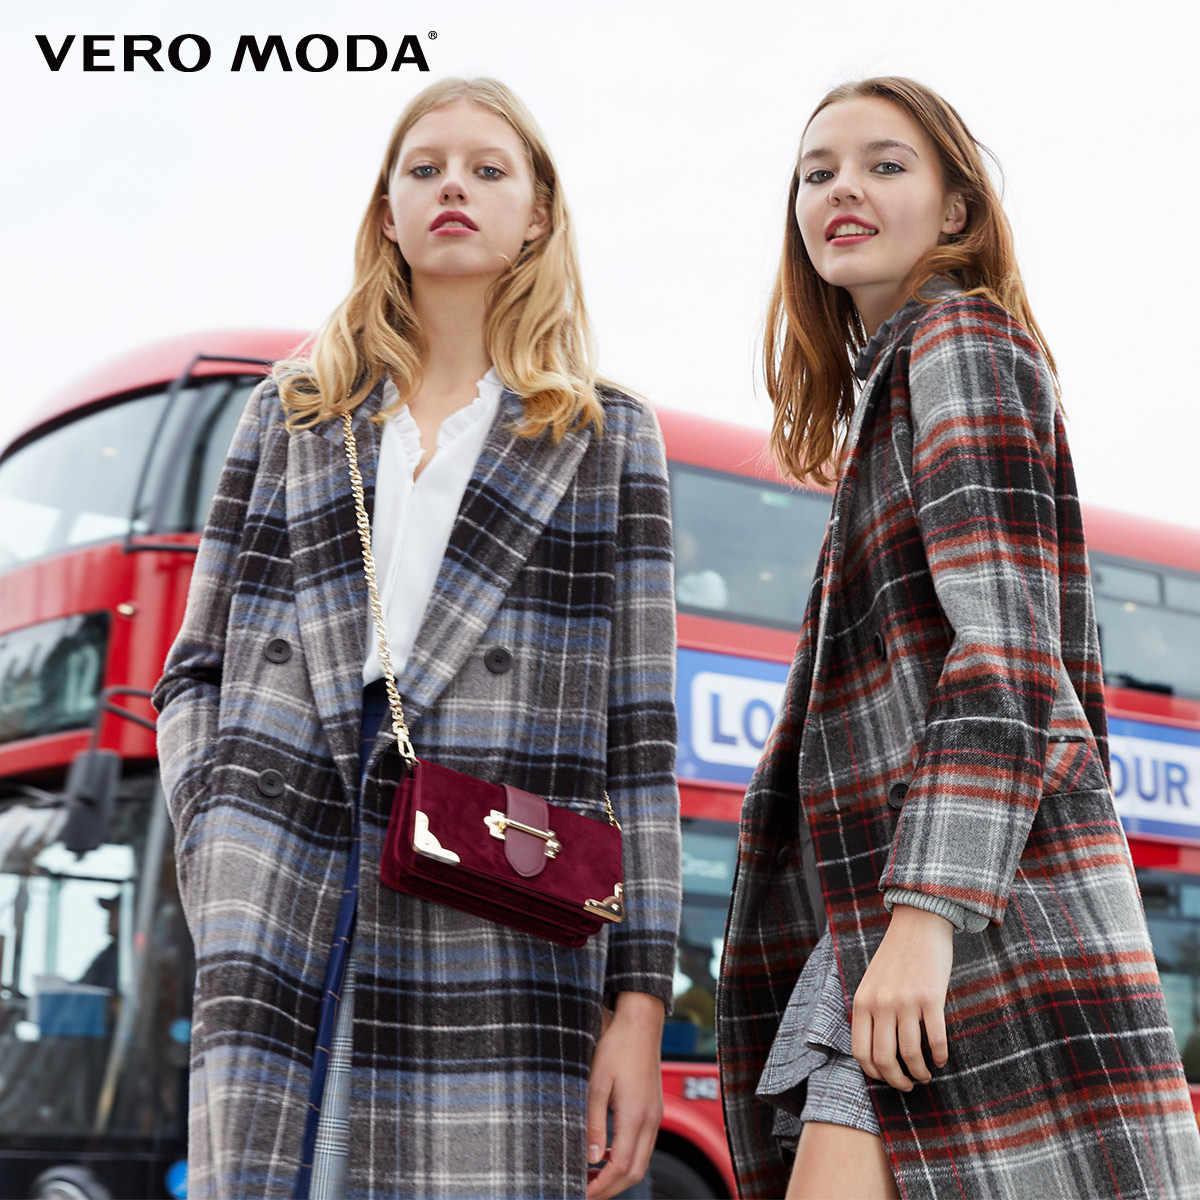 معطف نسائي من Vero Moda بطية صدر منقوشة وطويل من الصوف المستقيم | 318327510